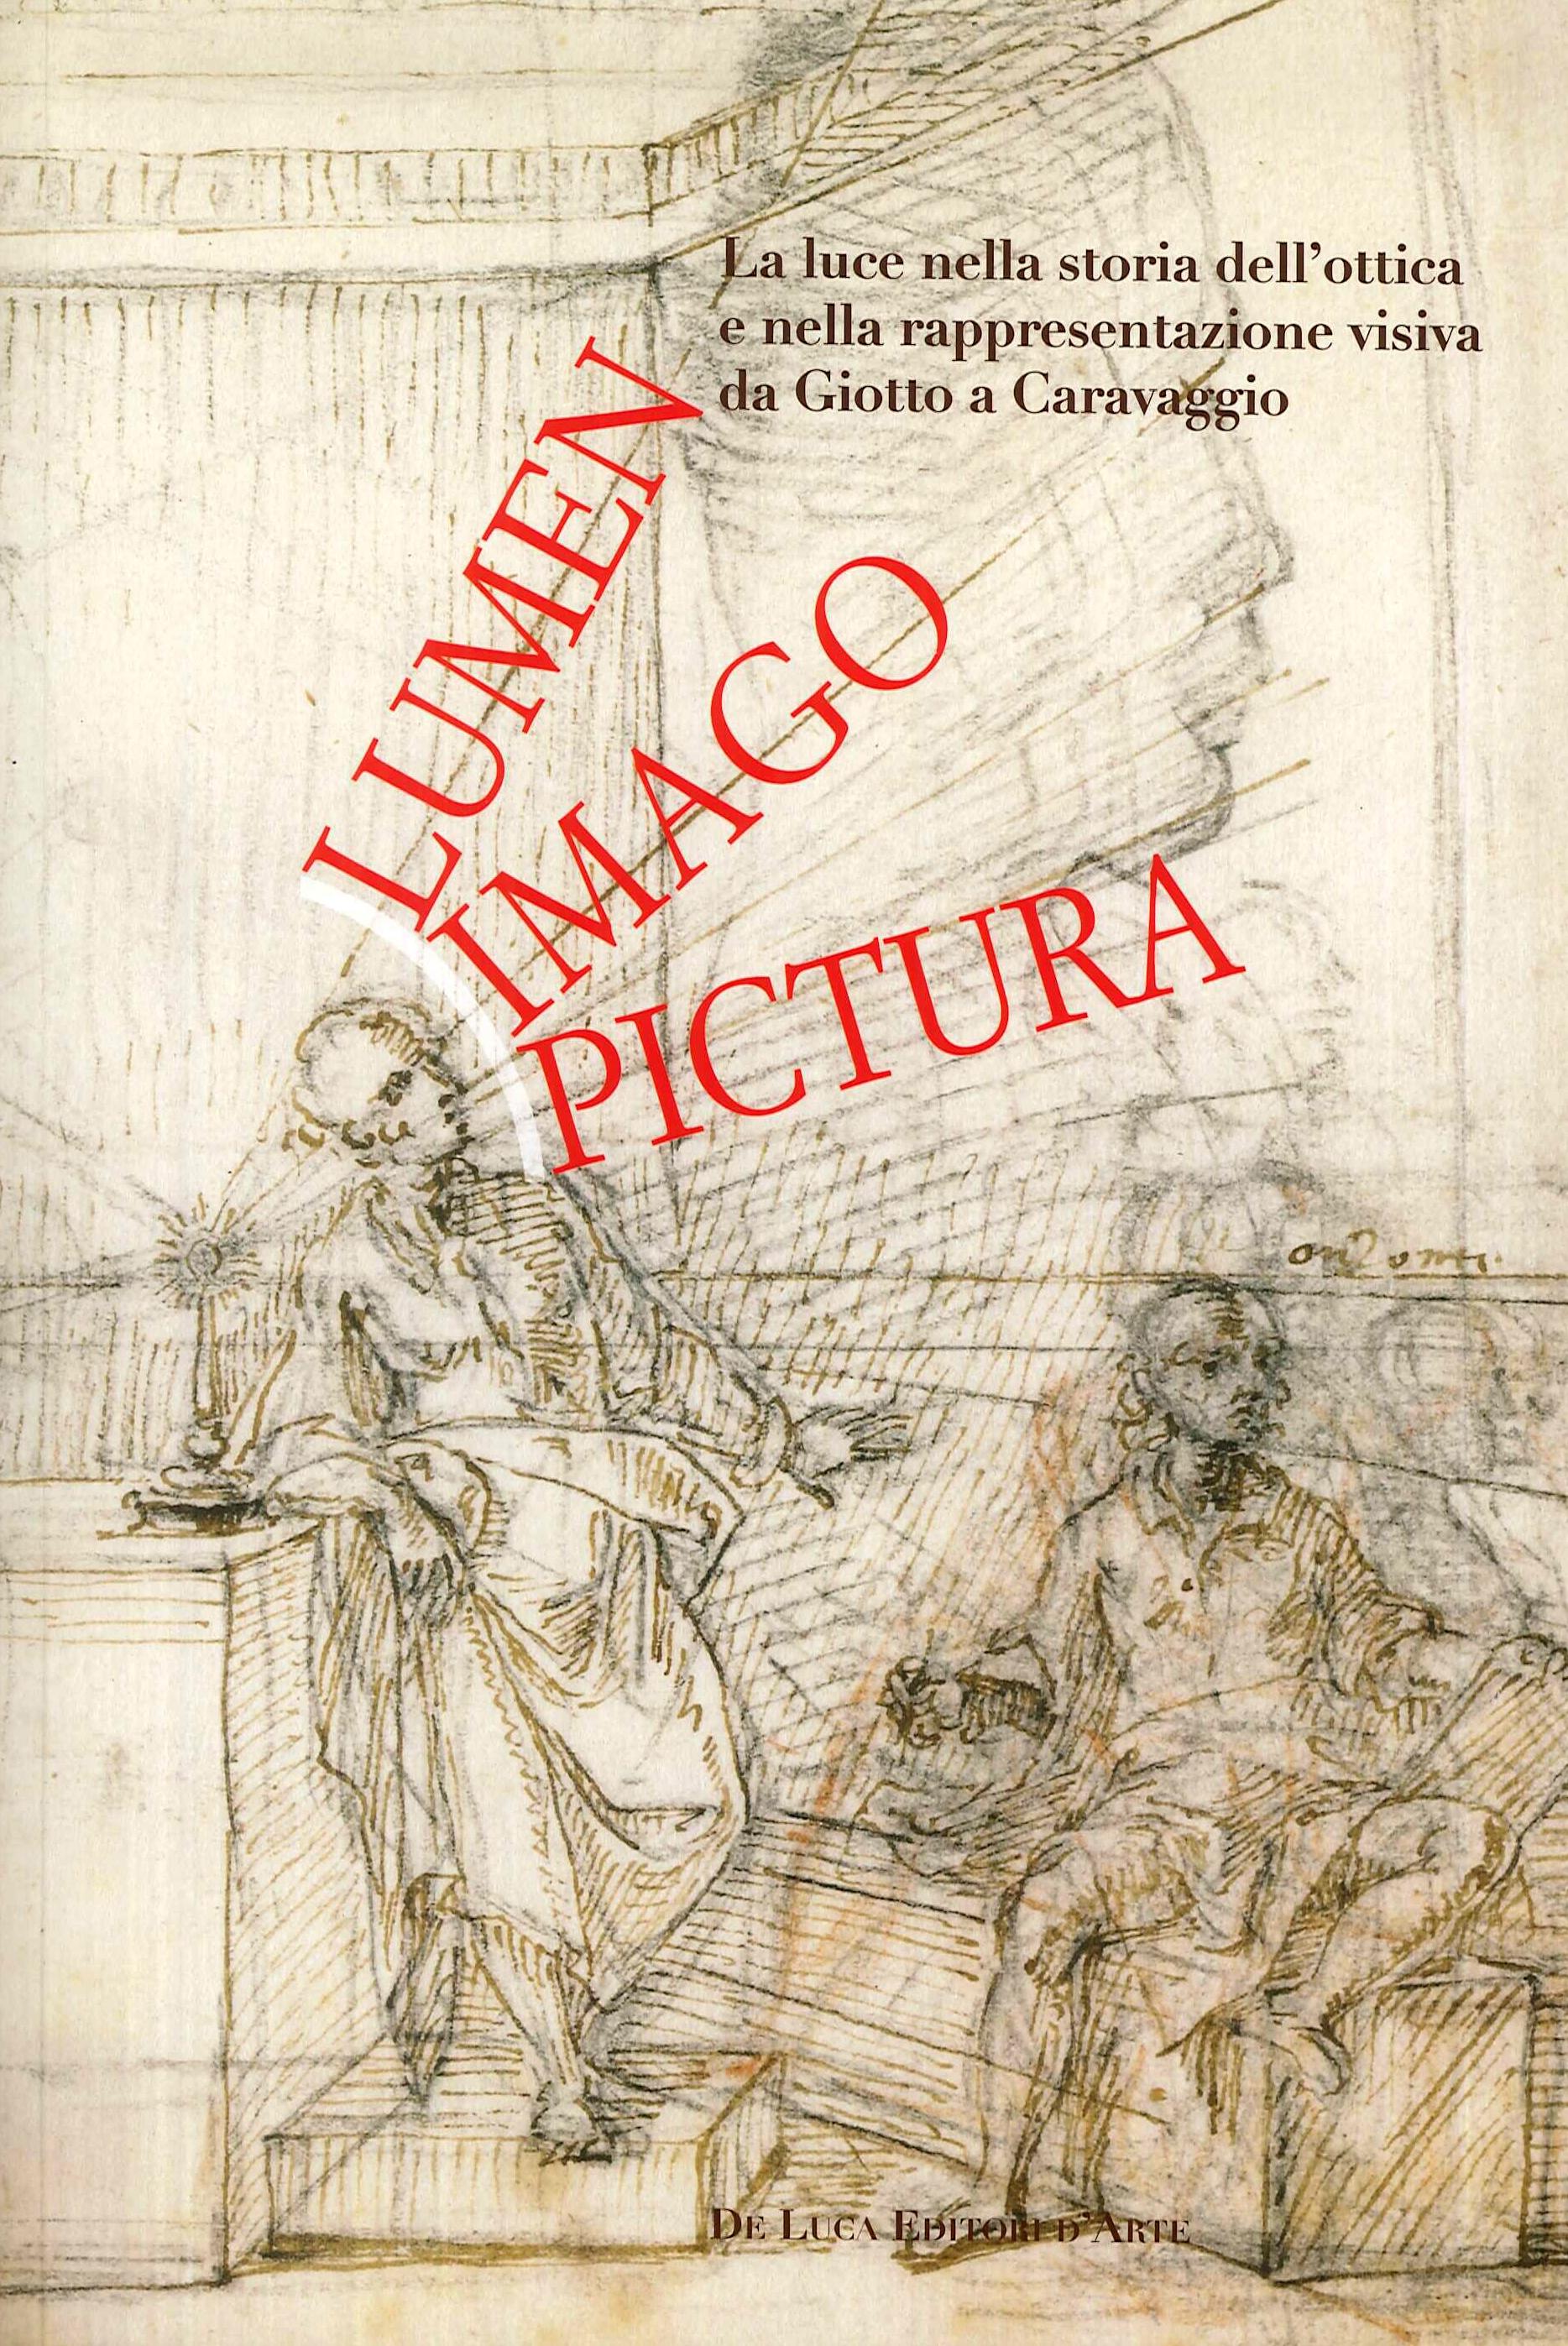 Lumen, imago, pictura. La luce nella storia dell'ottica e nella rappresentazione visiva da Giotto a Caravaggio